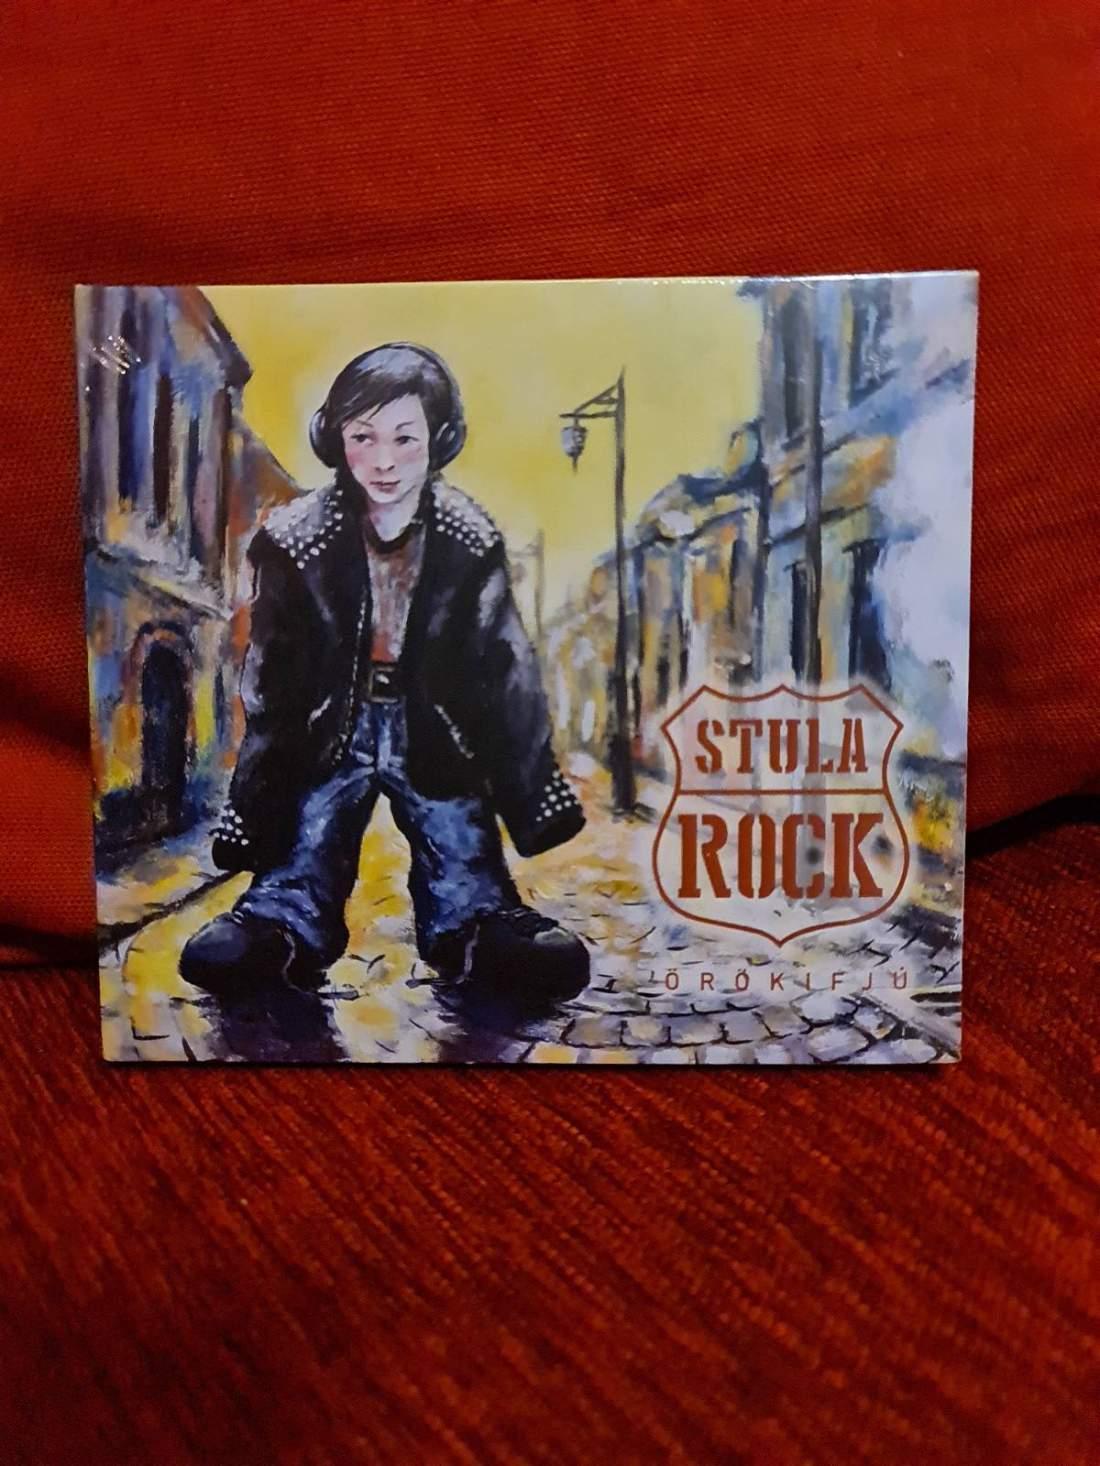 STULA ROCK - ÖRÖKIFJÚ CD